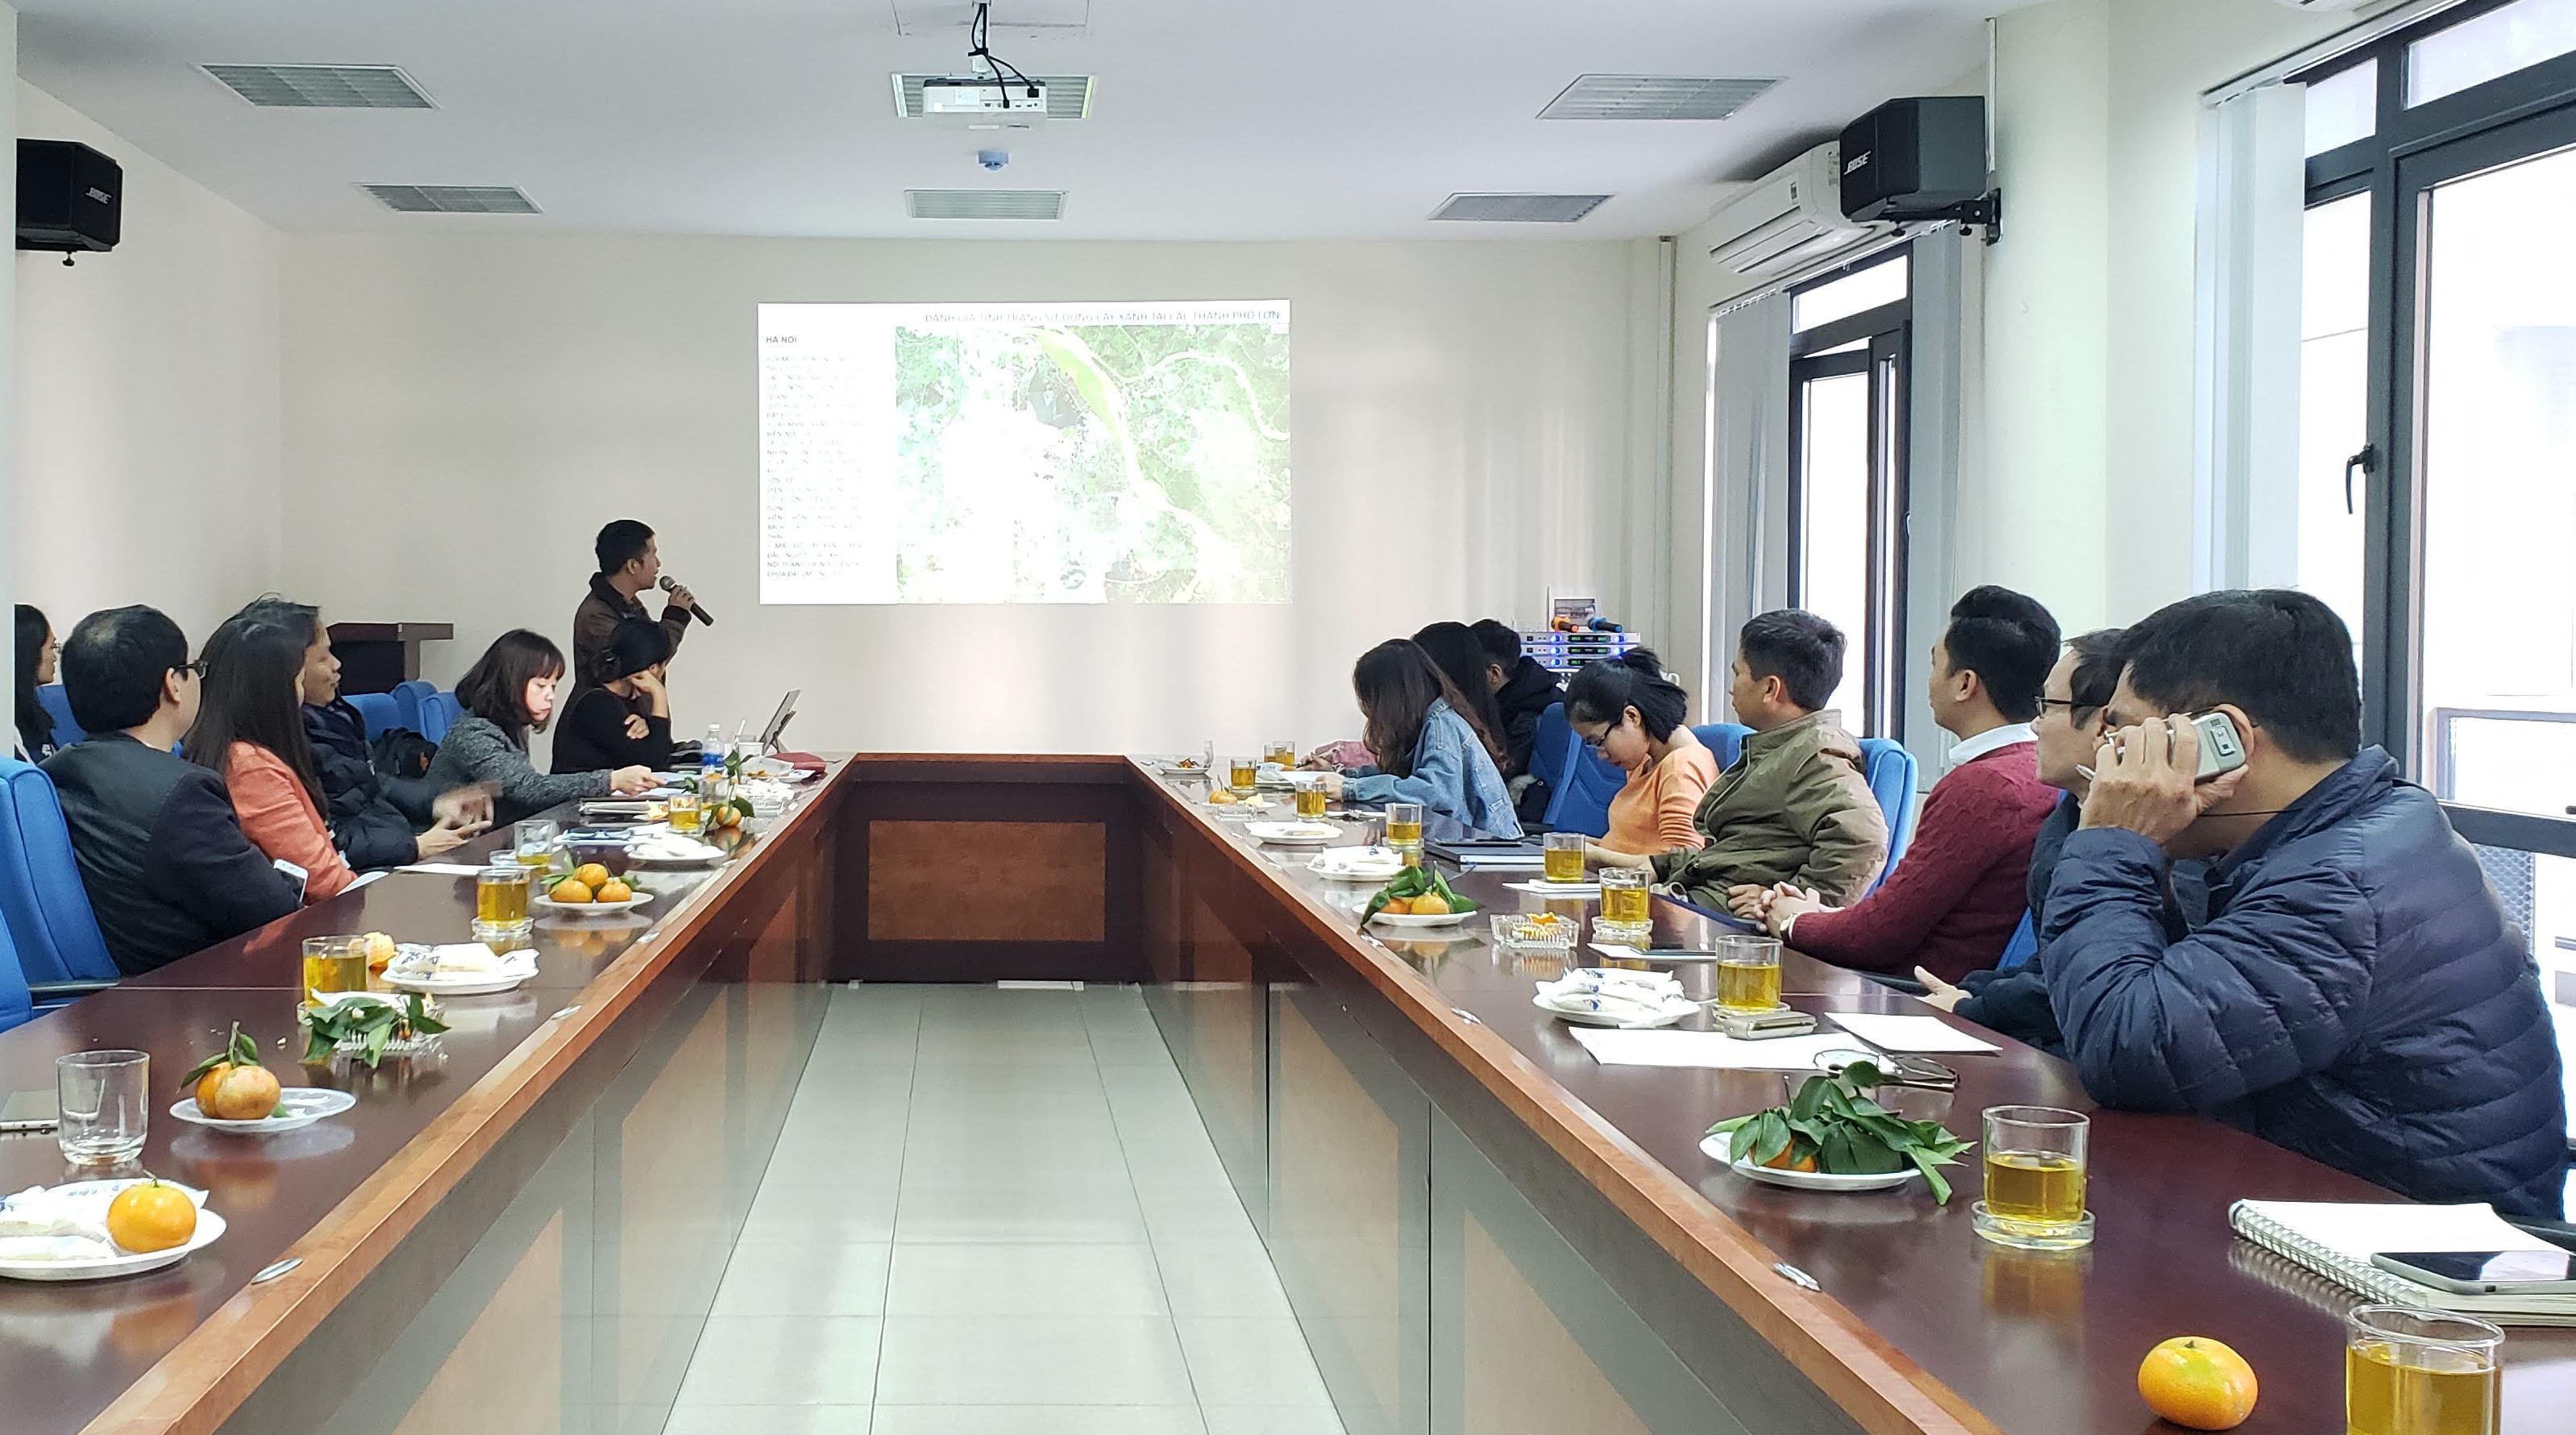 """Hội thảo """"Nghiên cứu kết hợp giữa kiến trúc và cây xanh trong xử lý không gian cảnh quan. Đề xuất sửa đổi các quy định về quản lý có liên quan đến cây xanh đô thị"""""""